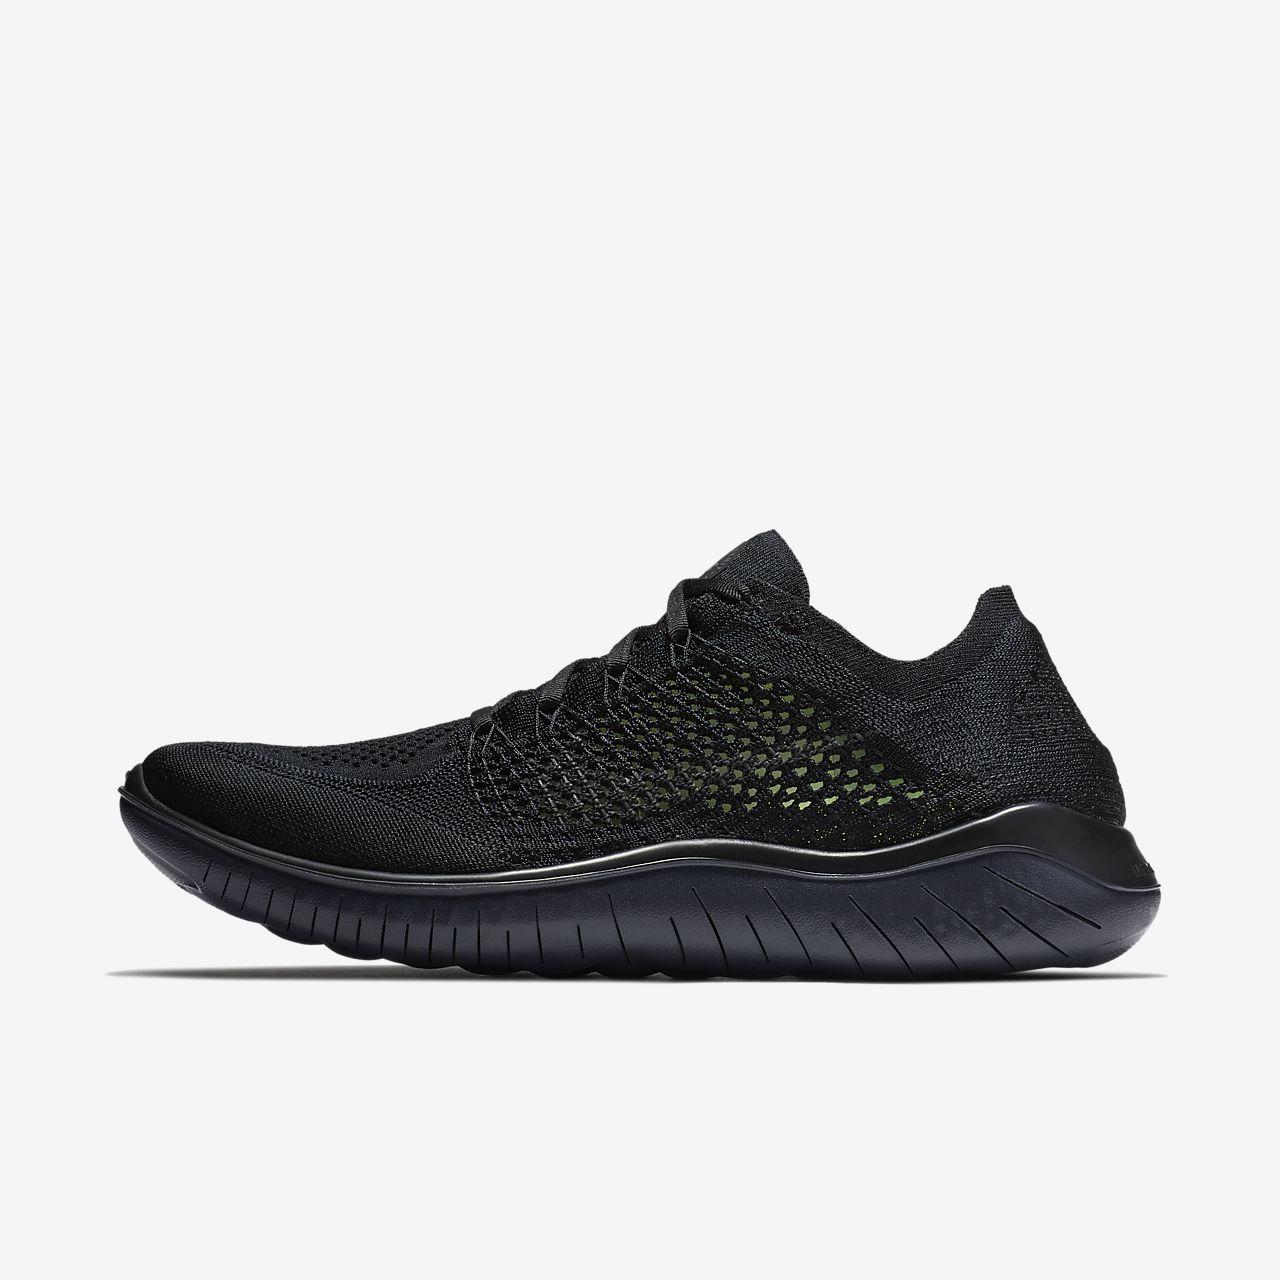 Nike Free   V Running Shoe For Men And Women